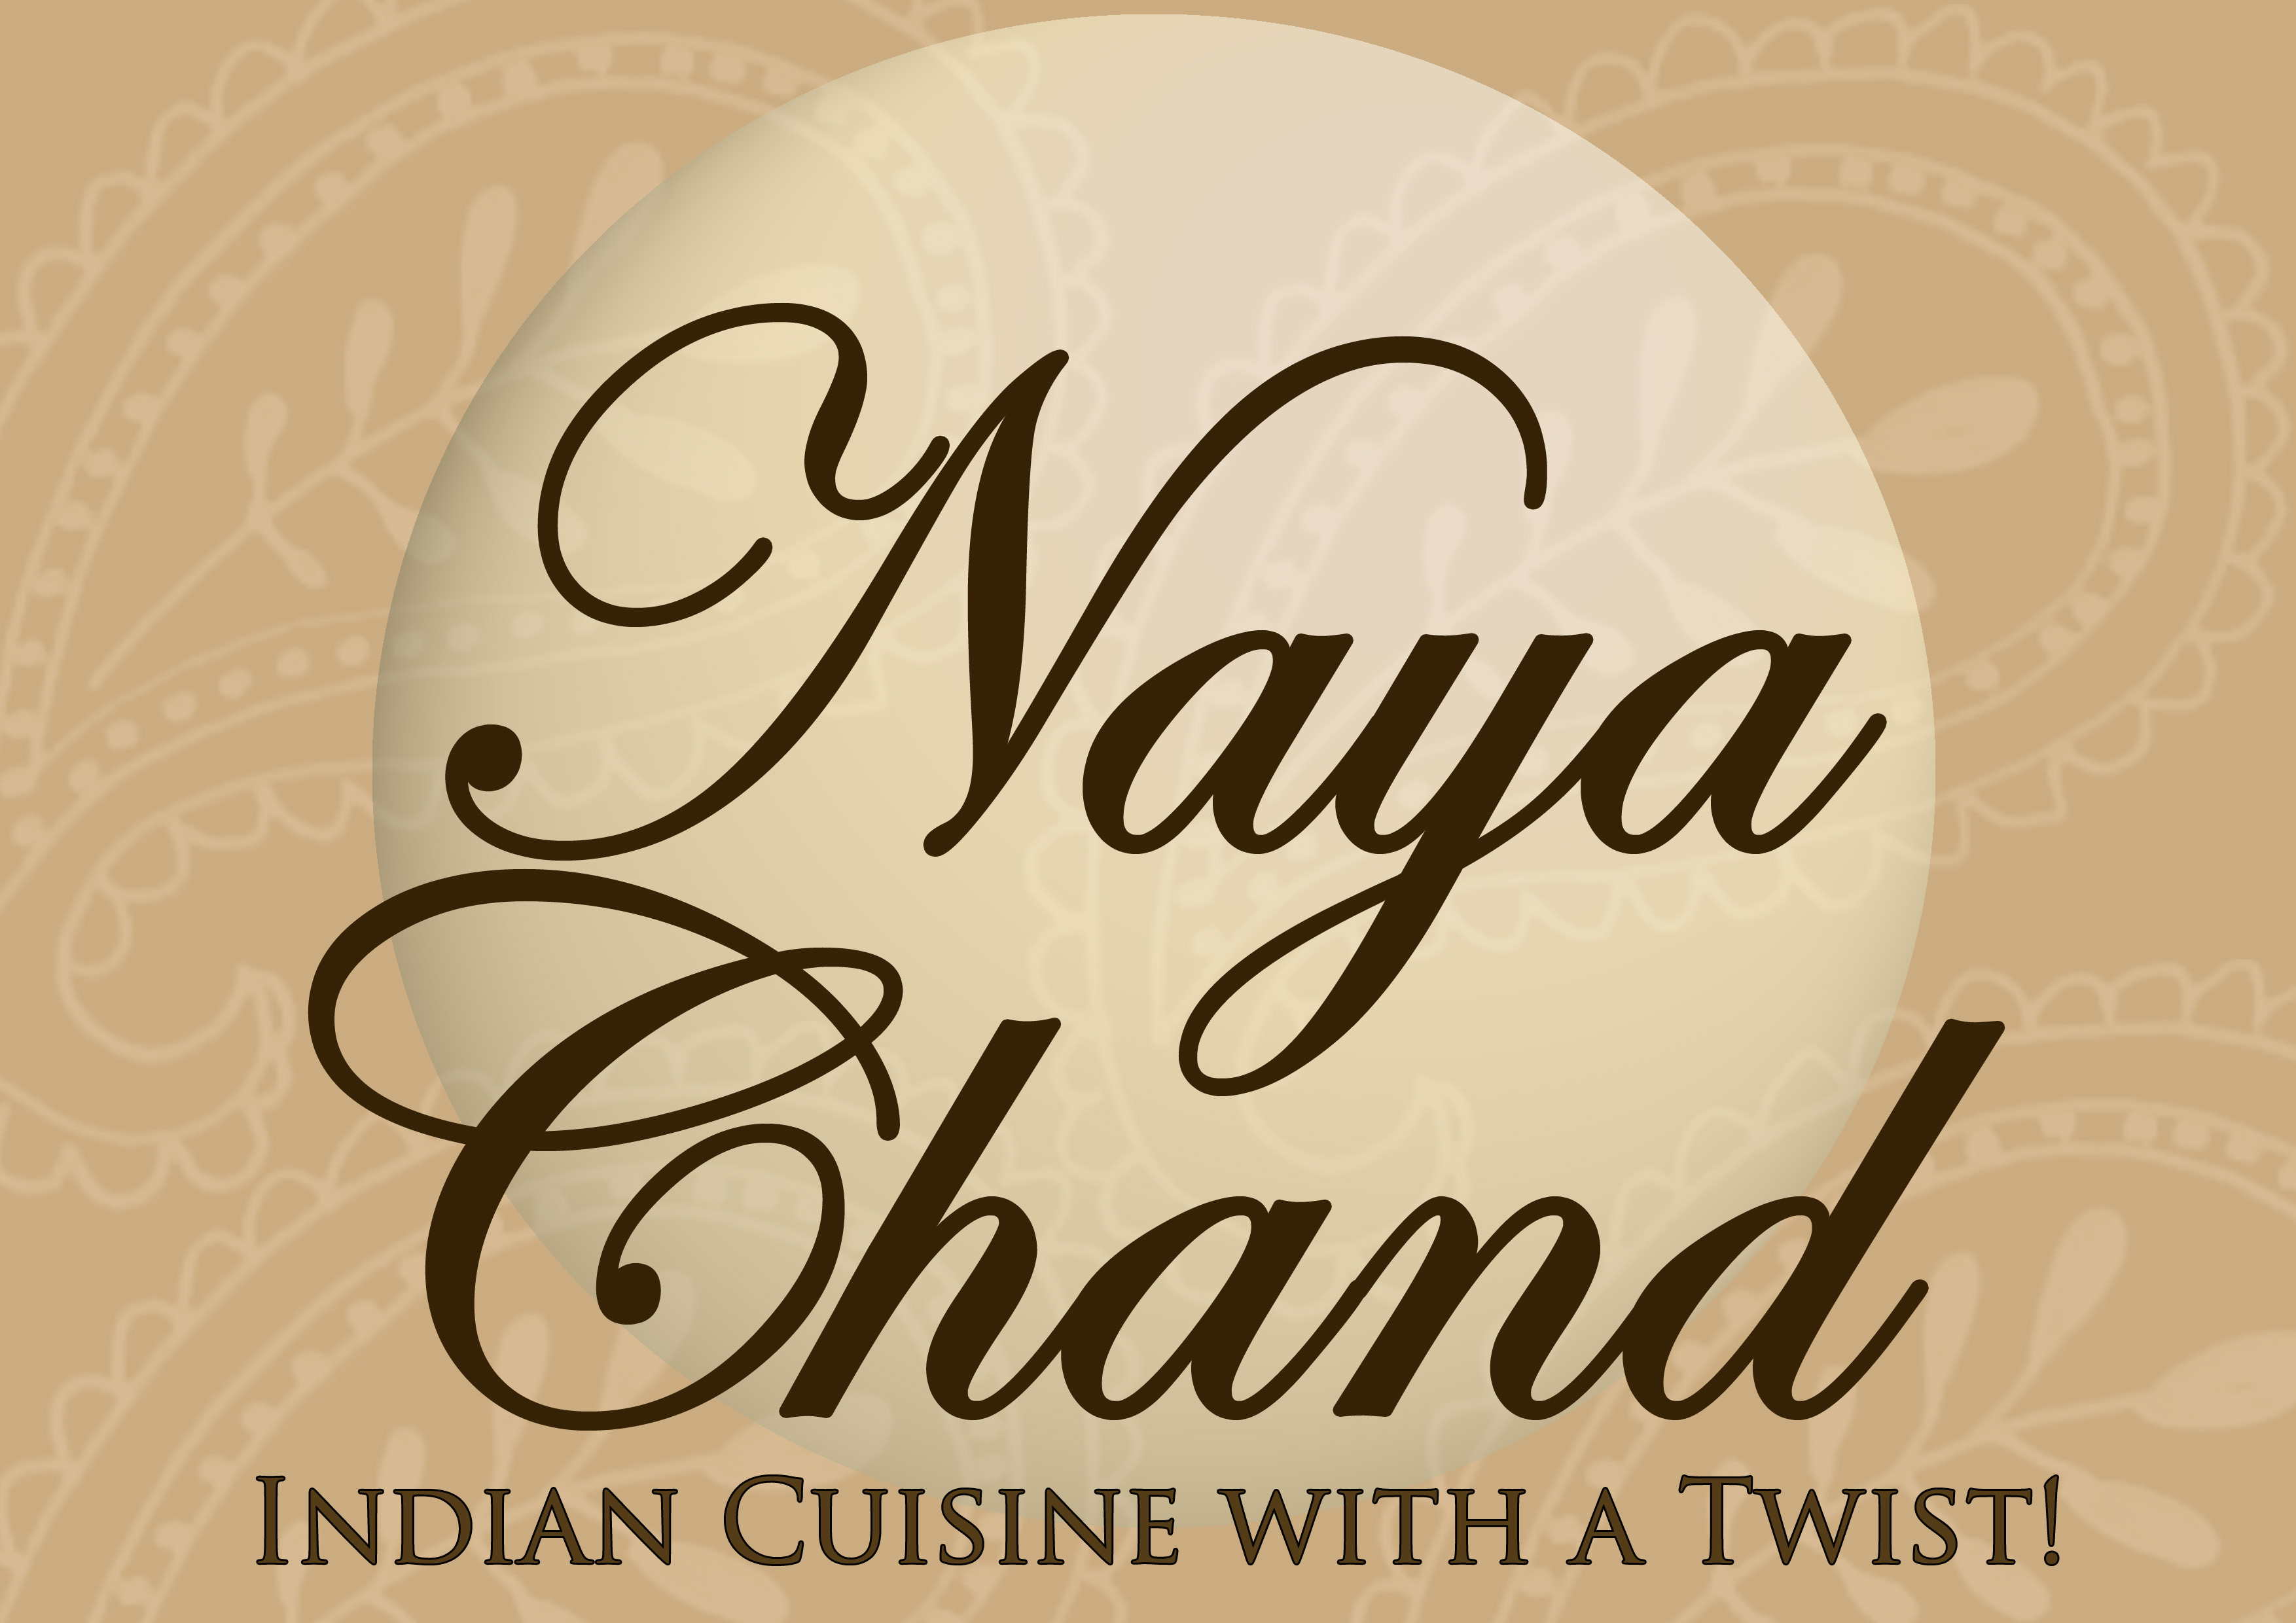 Naya Chand